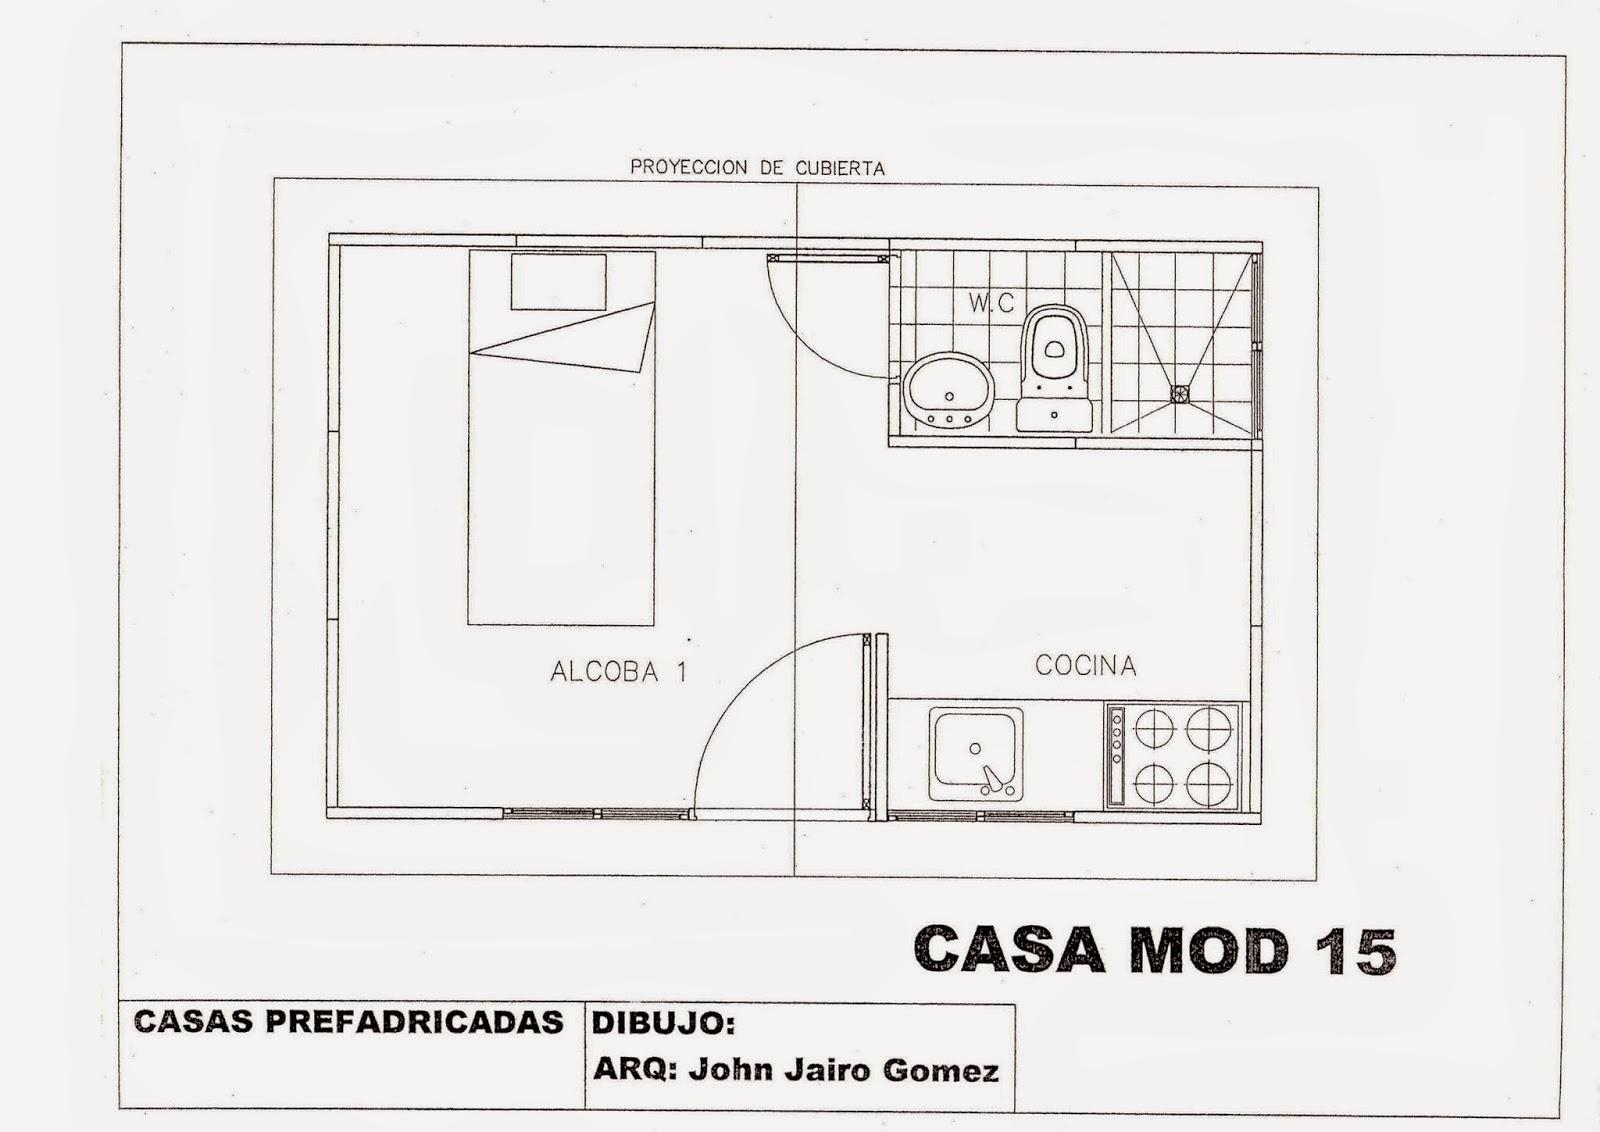 Casas prefabricadas cali colombia for Planos de cocinas de 15 metros cuadrados